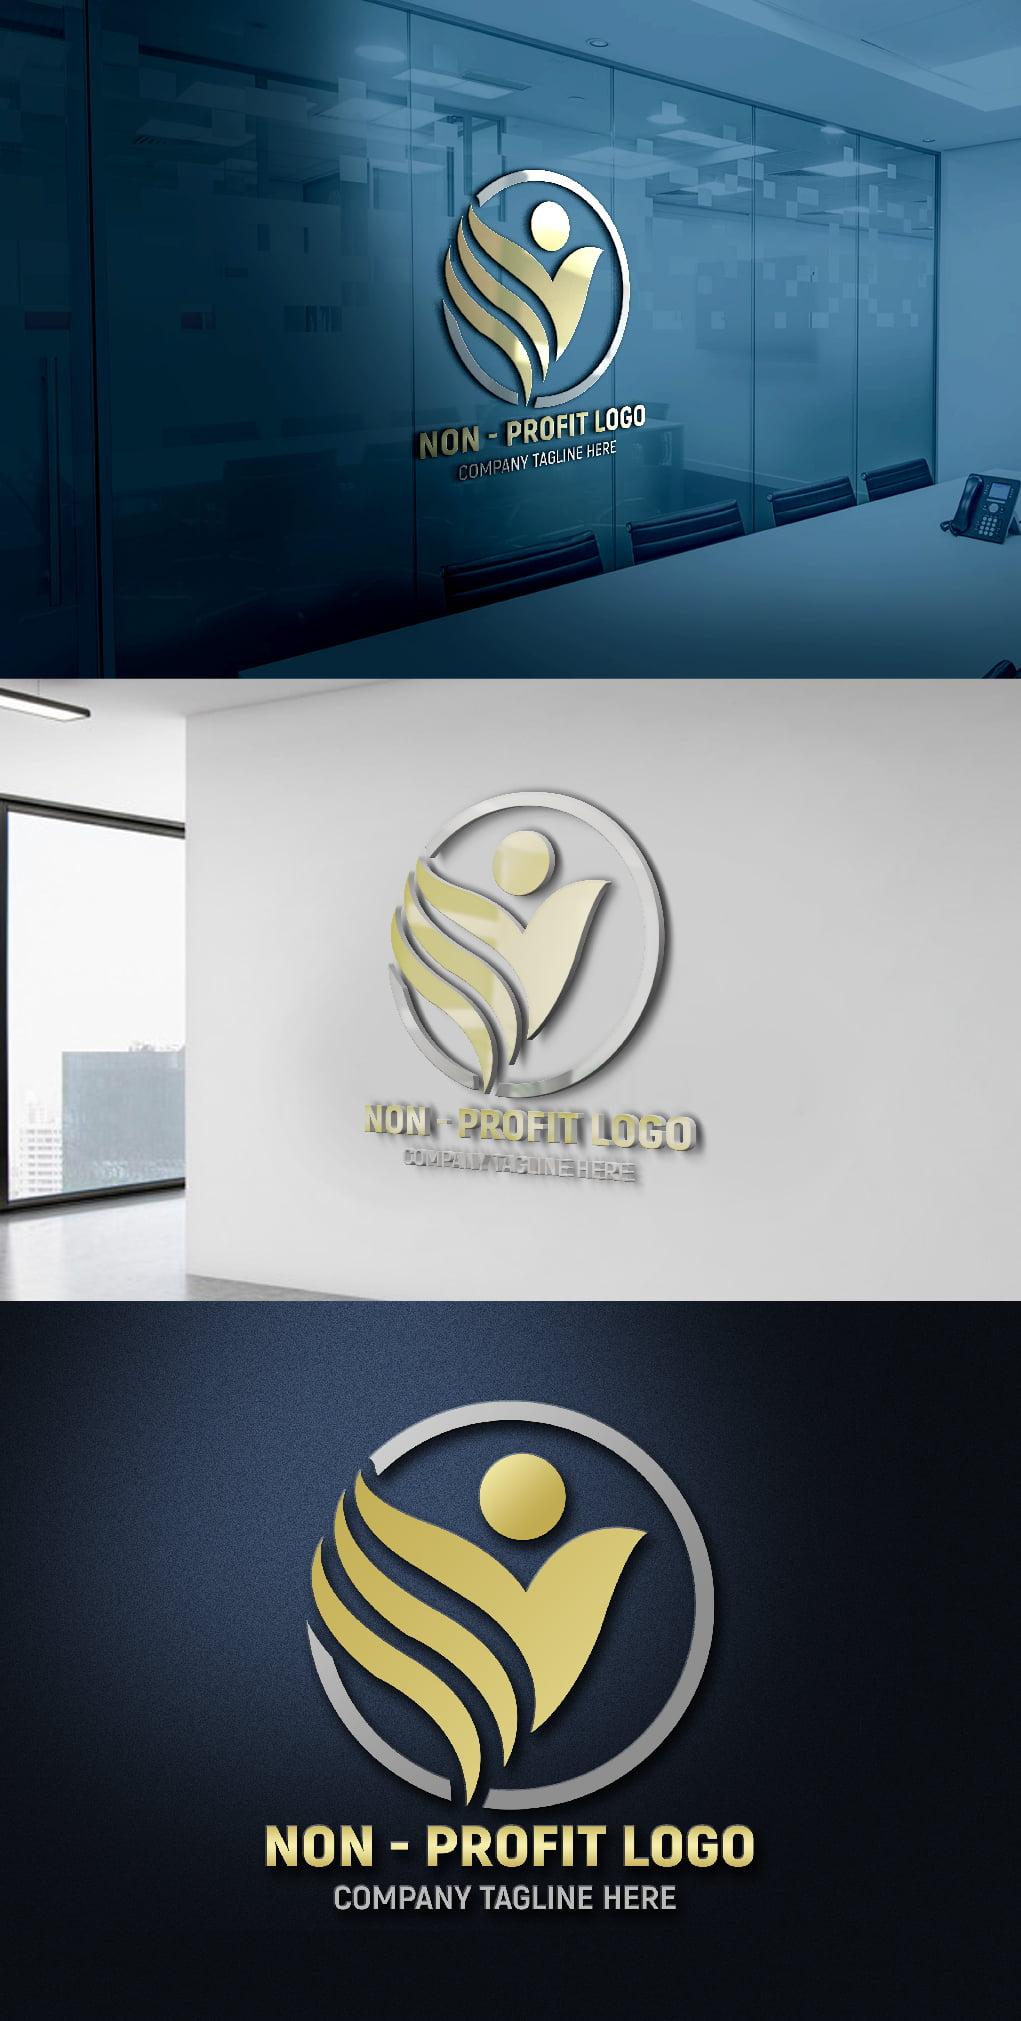 Non-Profit Company Logo Template